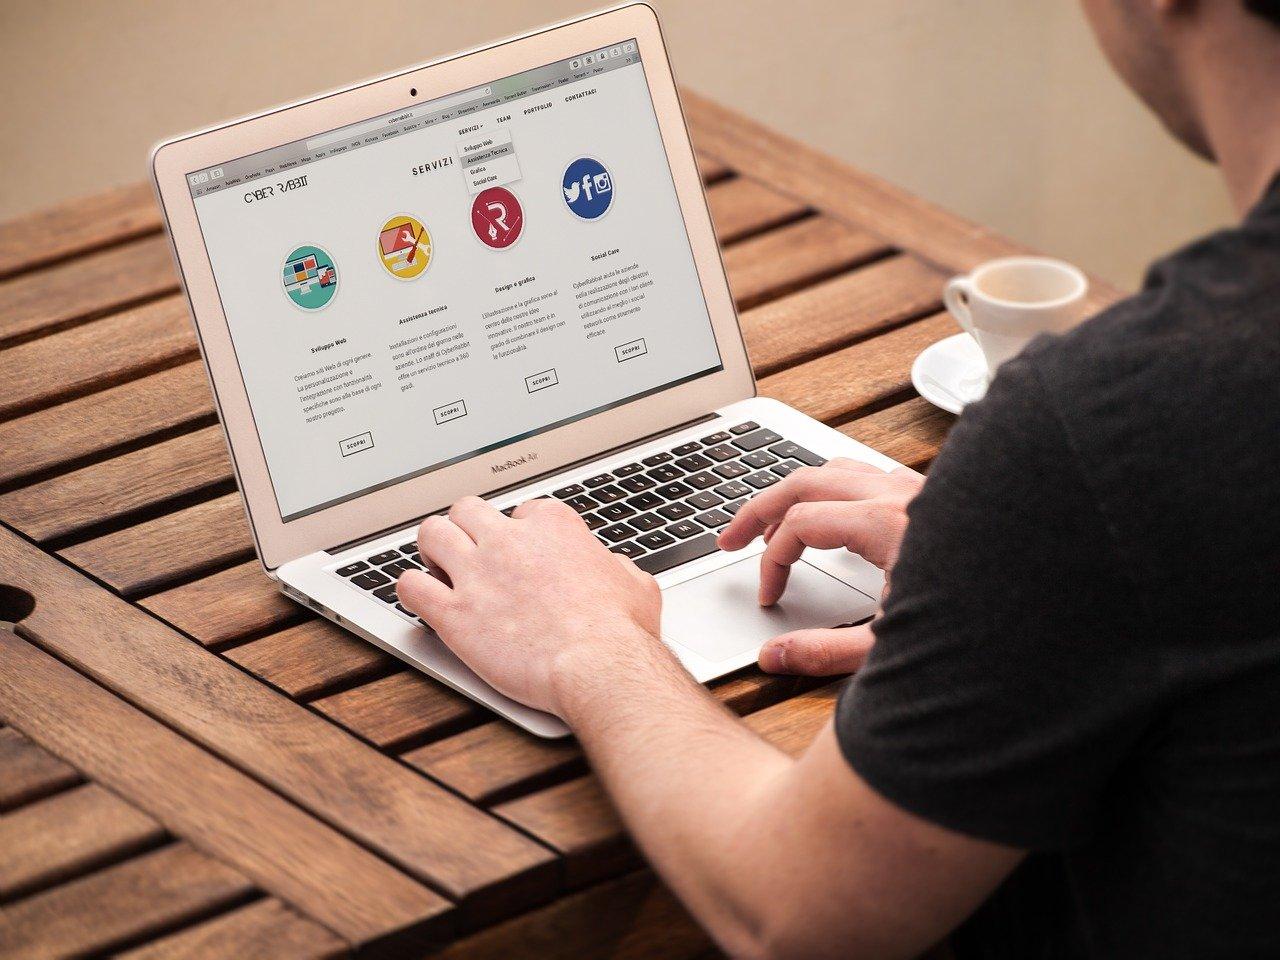 projektowanie stron internetowych w Norwegii i eMarketing